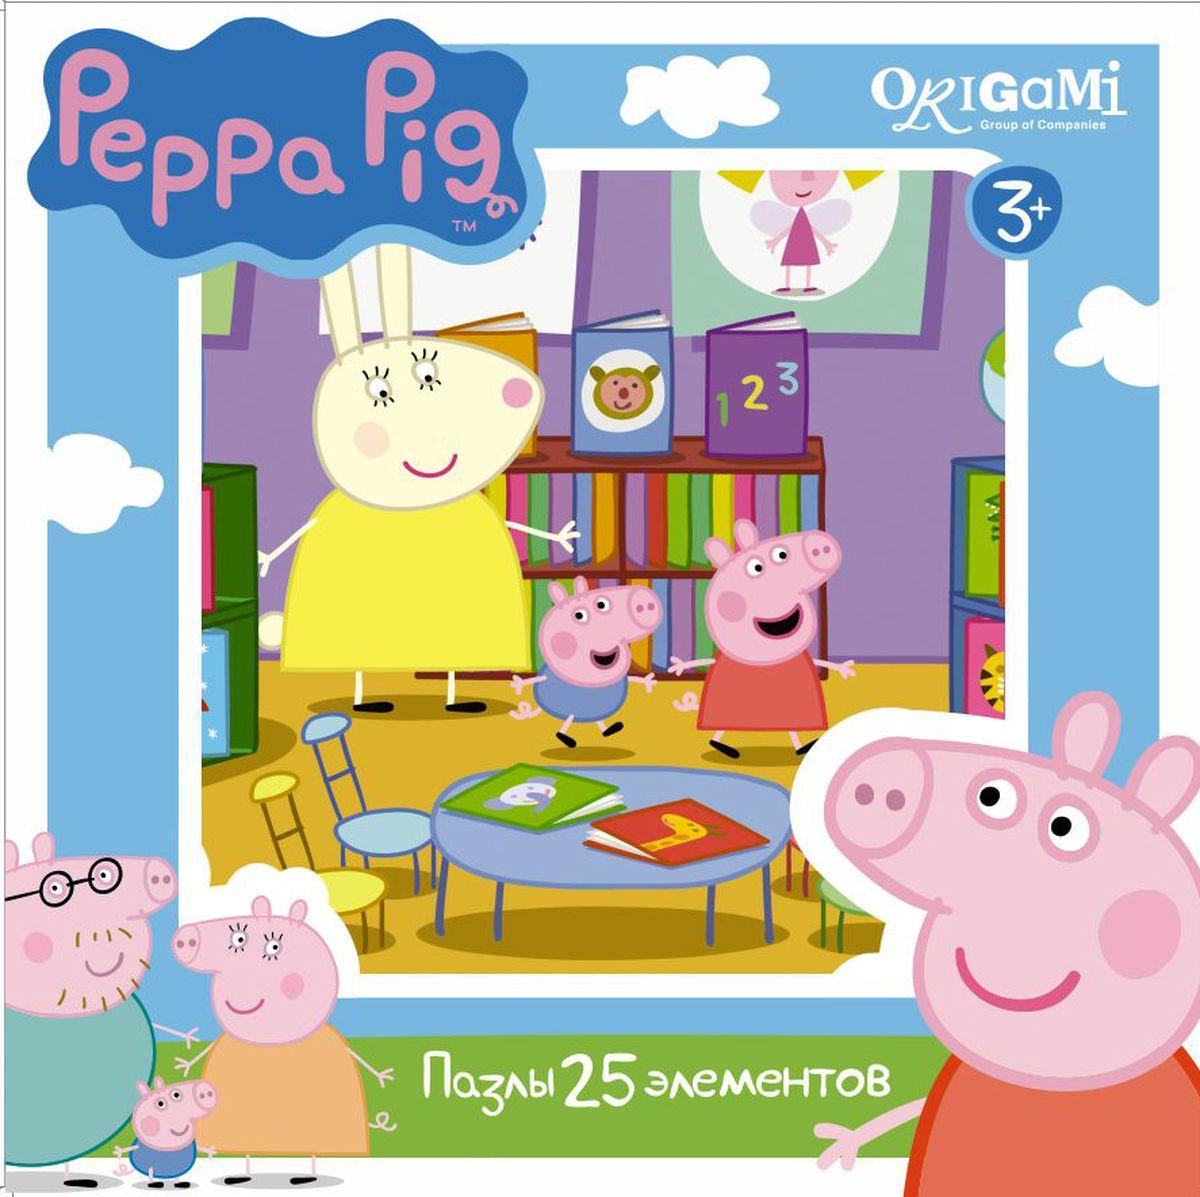 Оригами Пазл для малышей Peppa Pig 01583